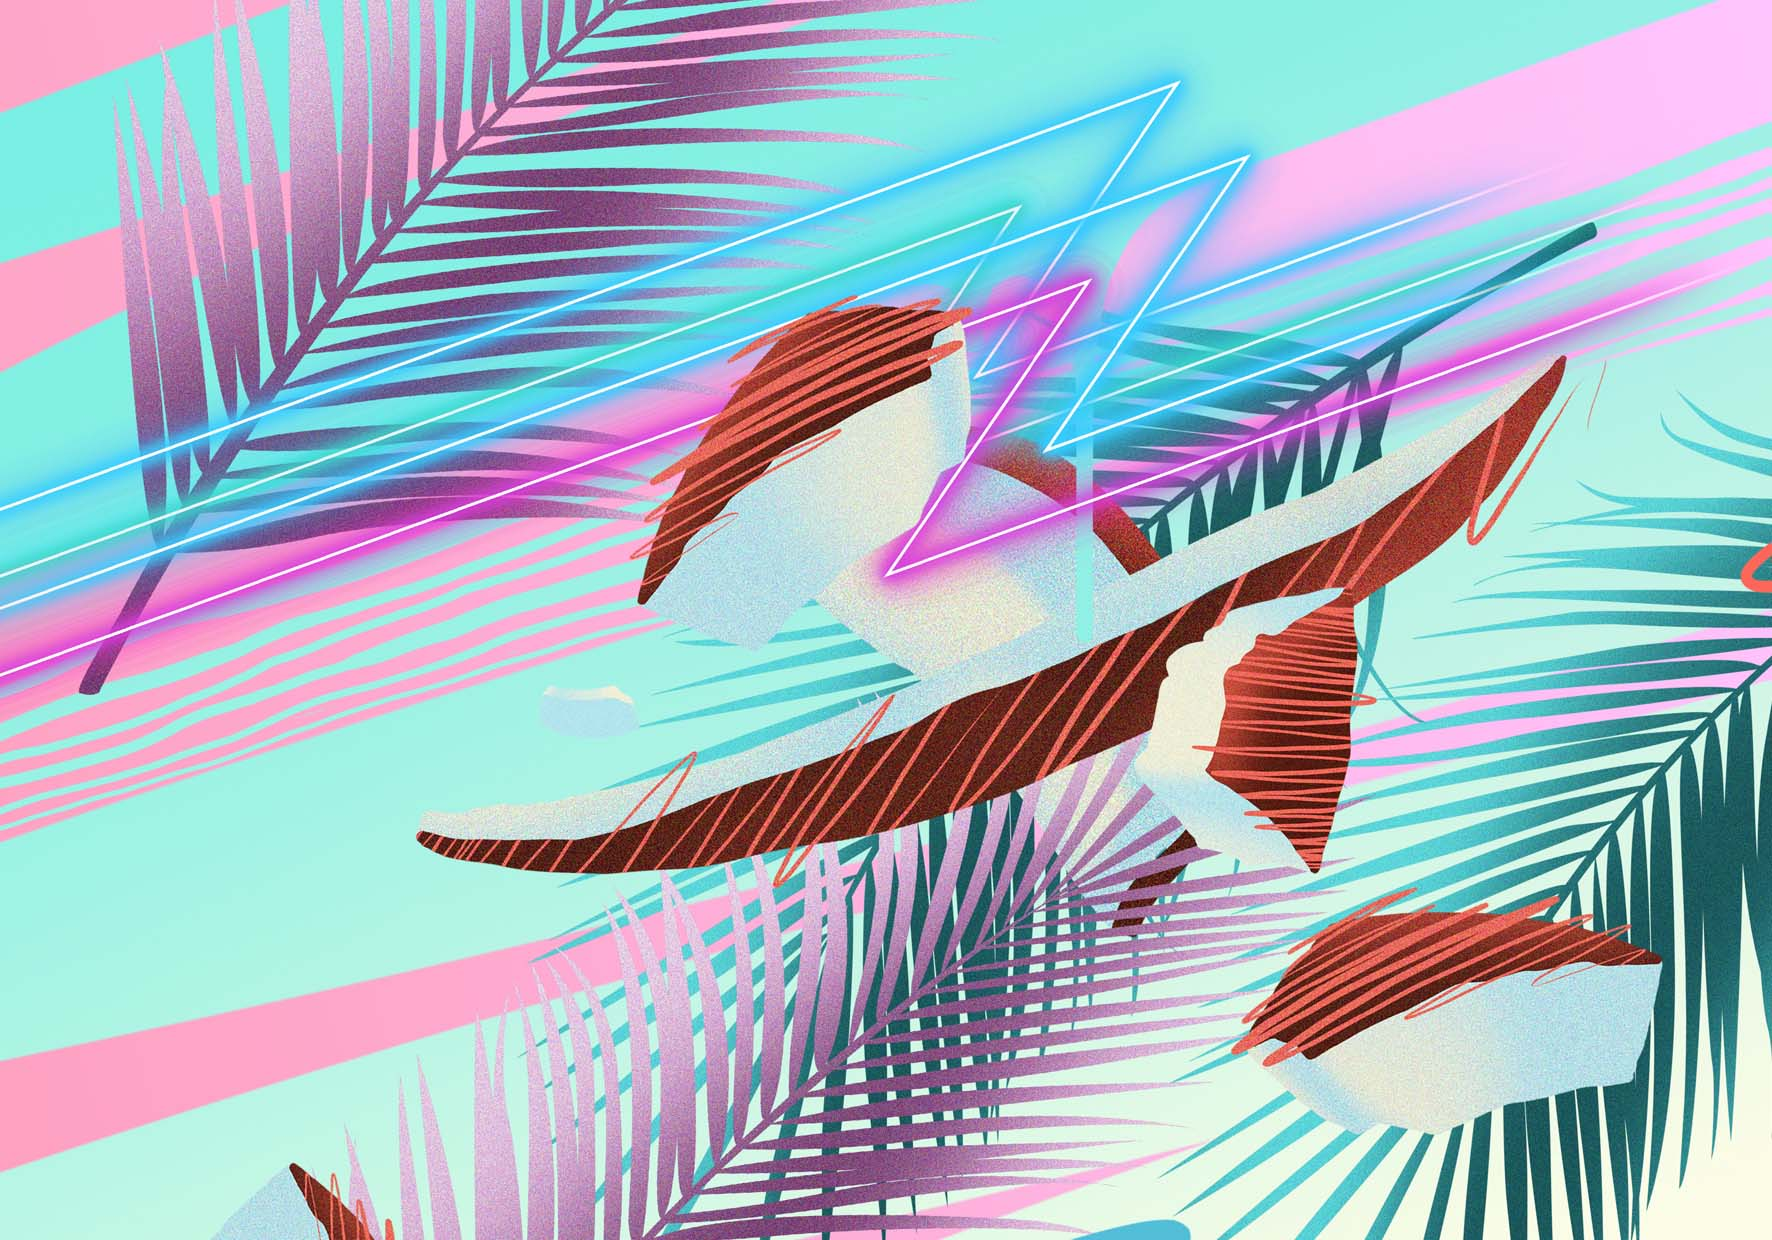 Nerone-Danone-coconut-design-light&free-7